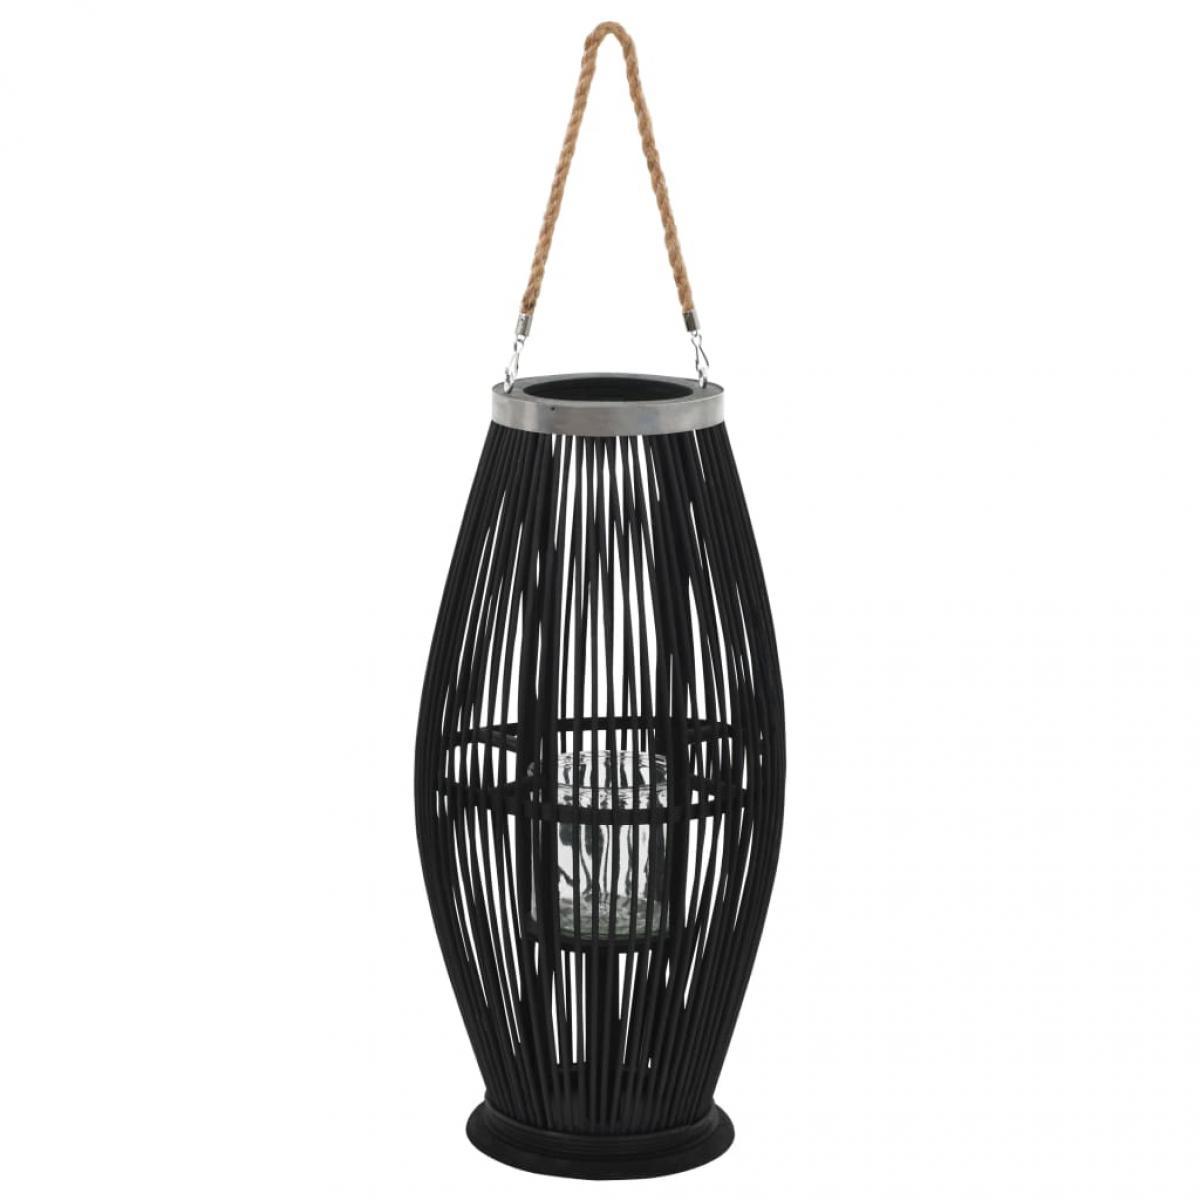 Decoshop26 Bougeoir suspendu ou sur pied porte-bougie bambou noir décoration extérieur hauteur 60cm DEC020007